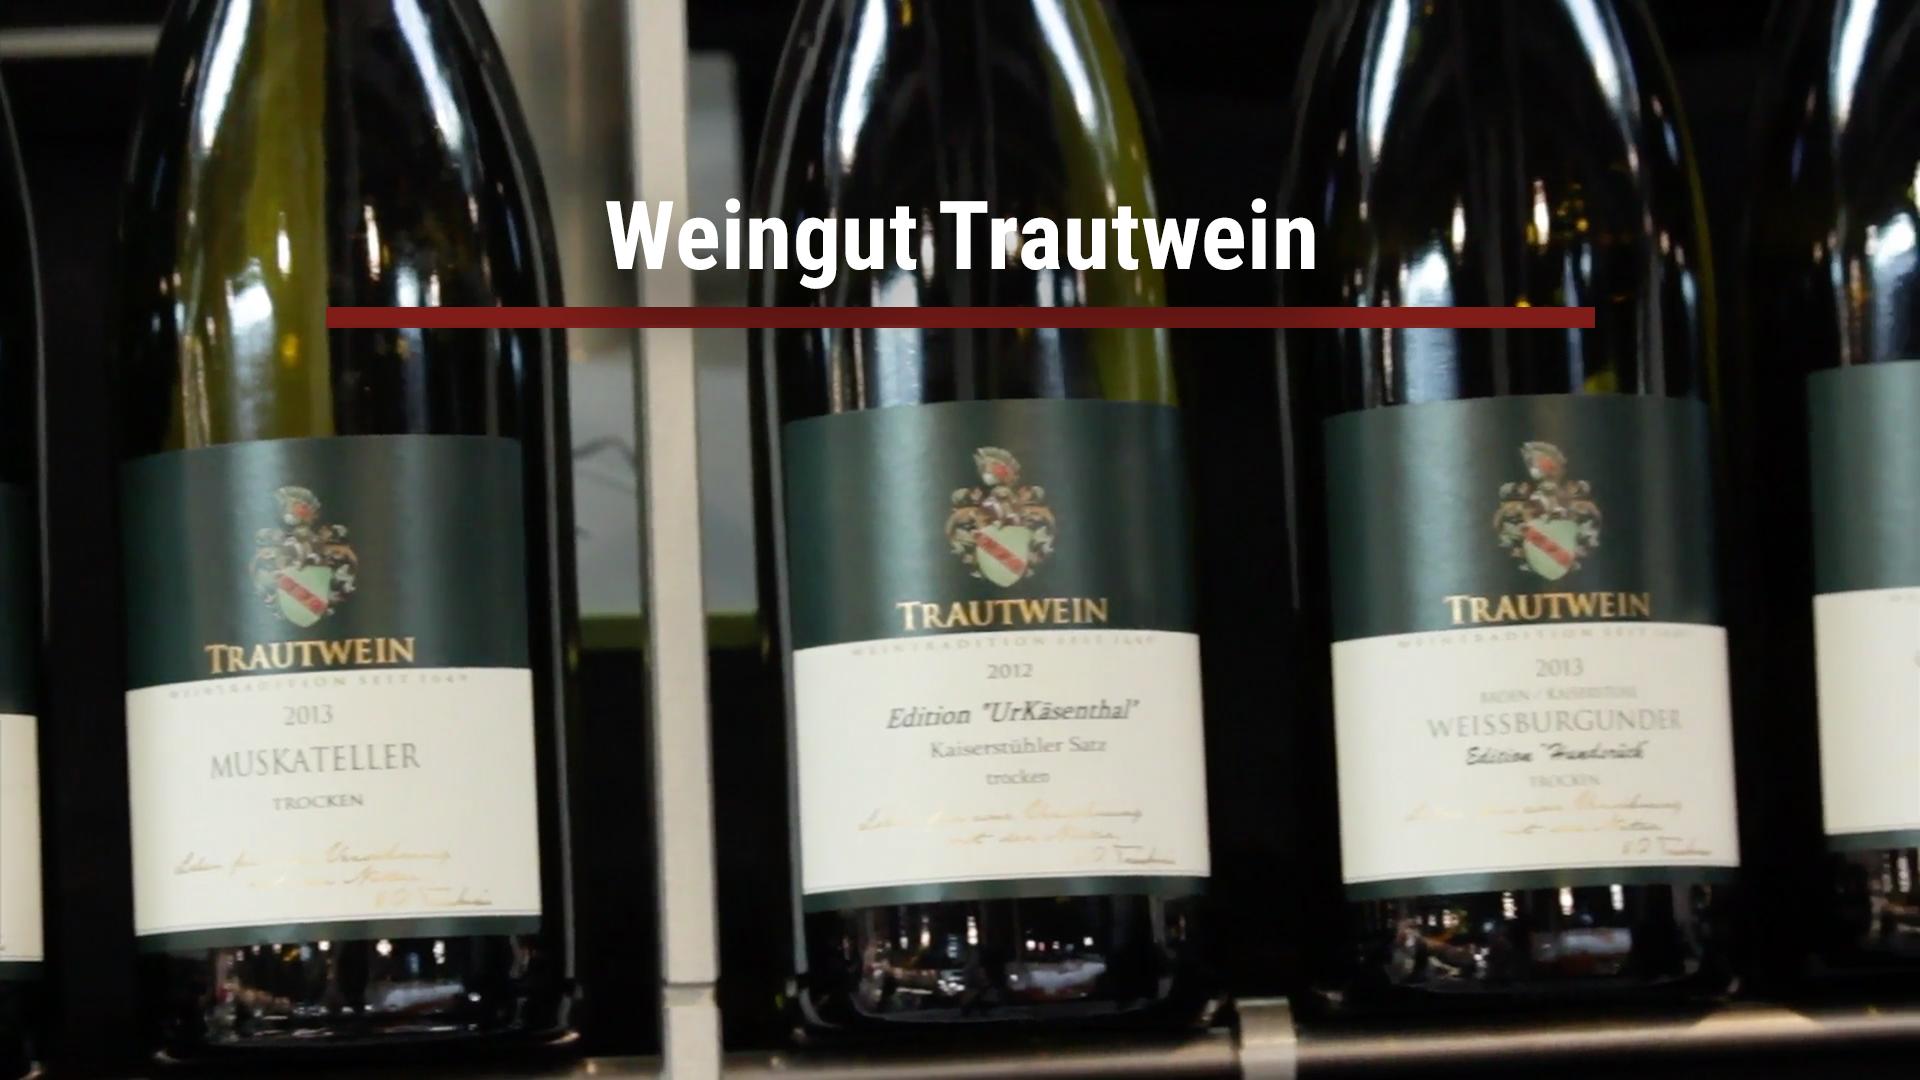 Winery Trautwein